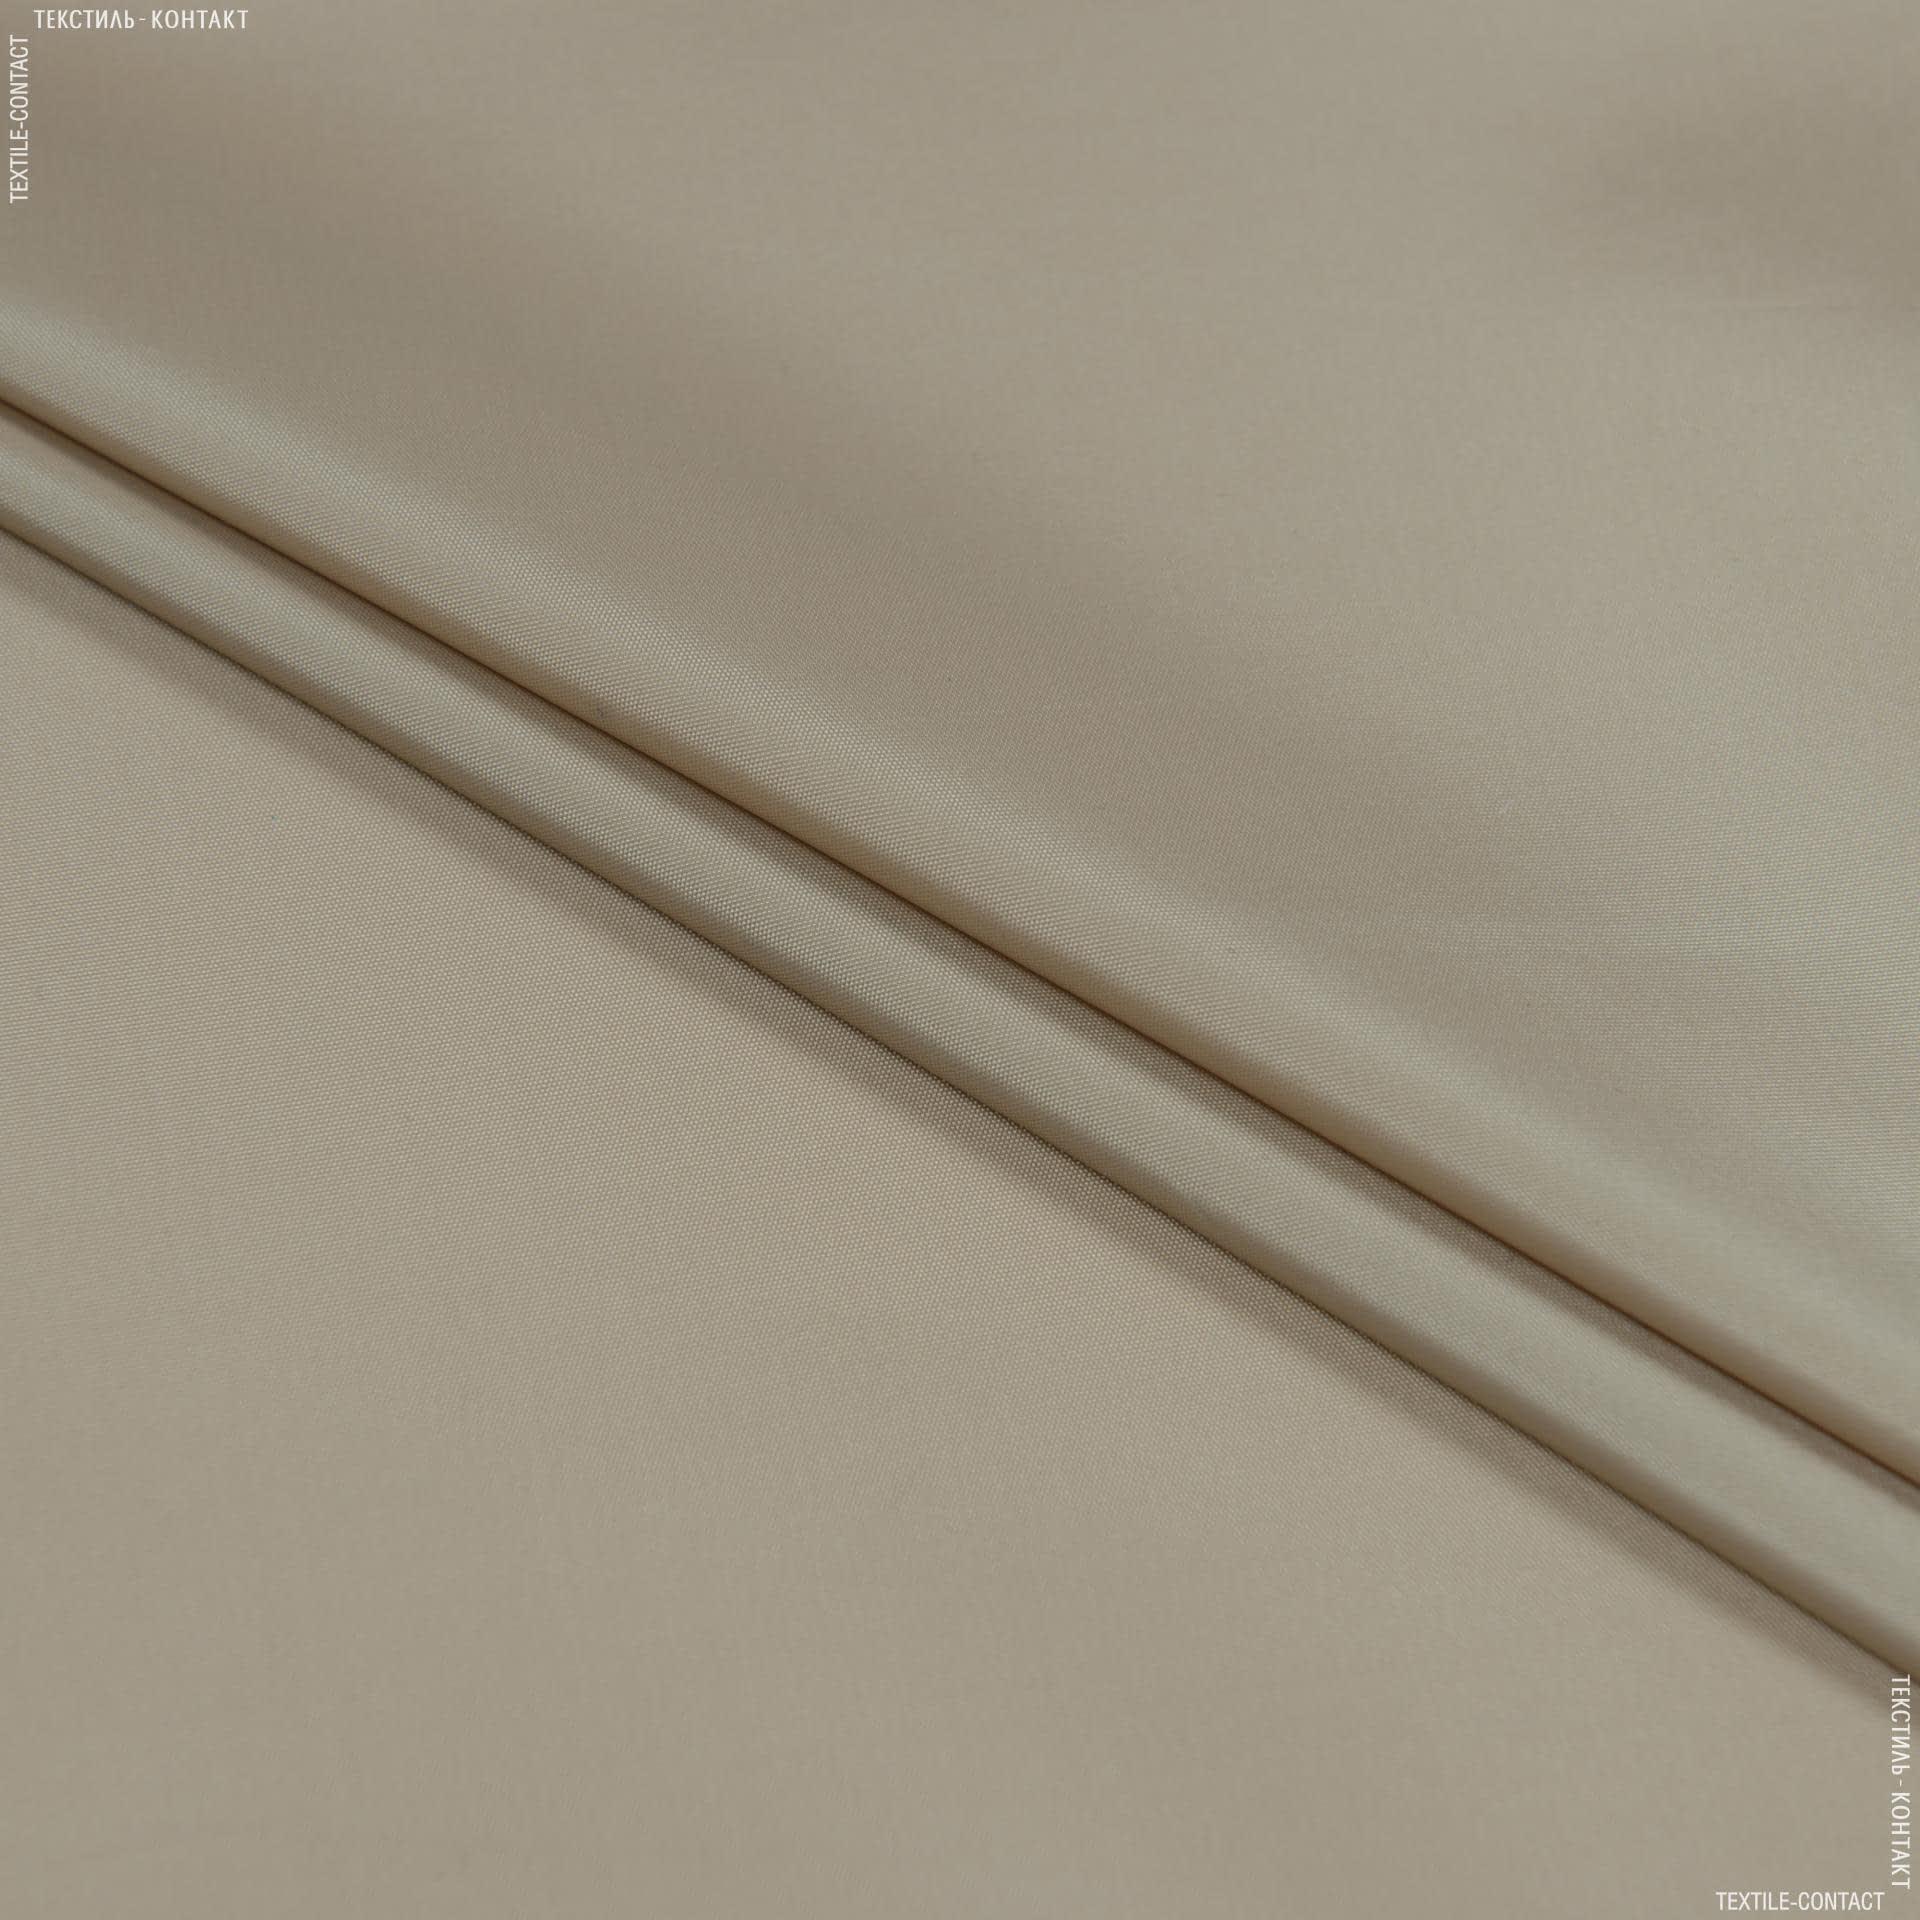 Ткани для верхней одежды - Вива плащевая бежевый